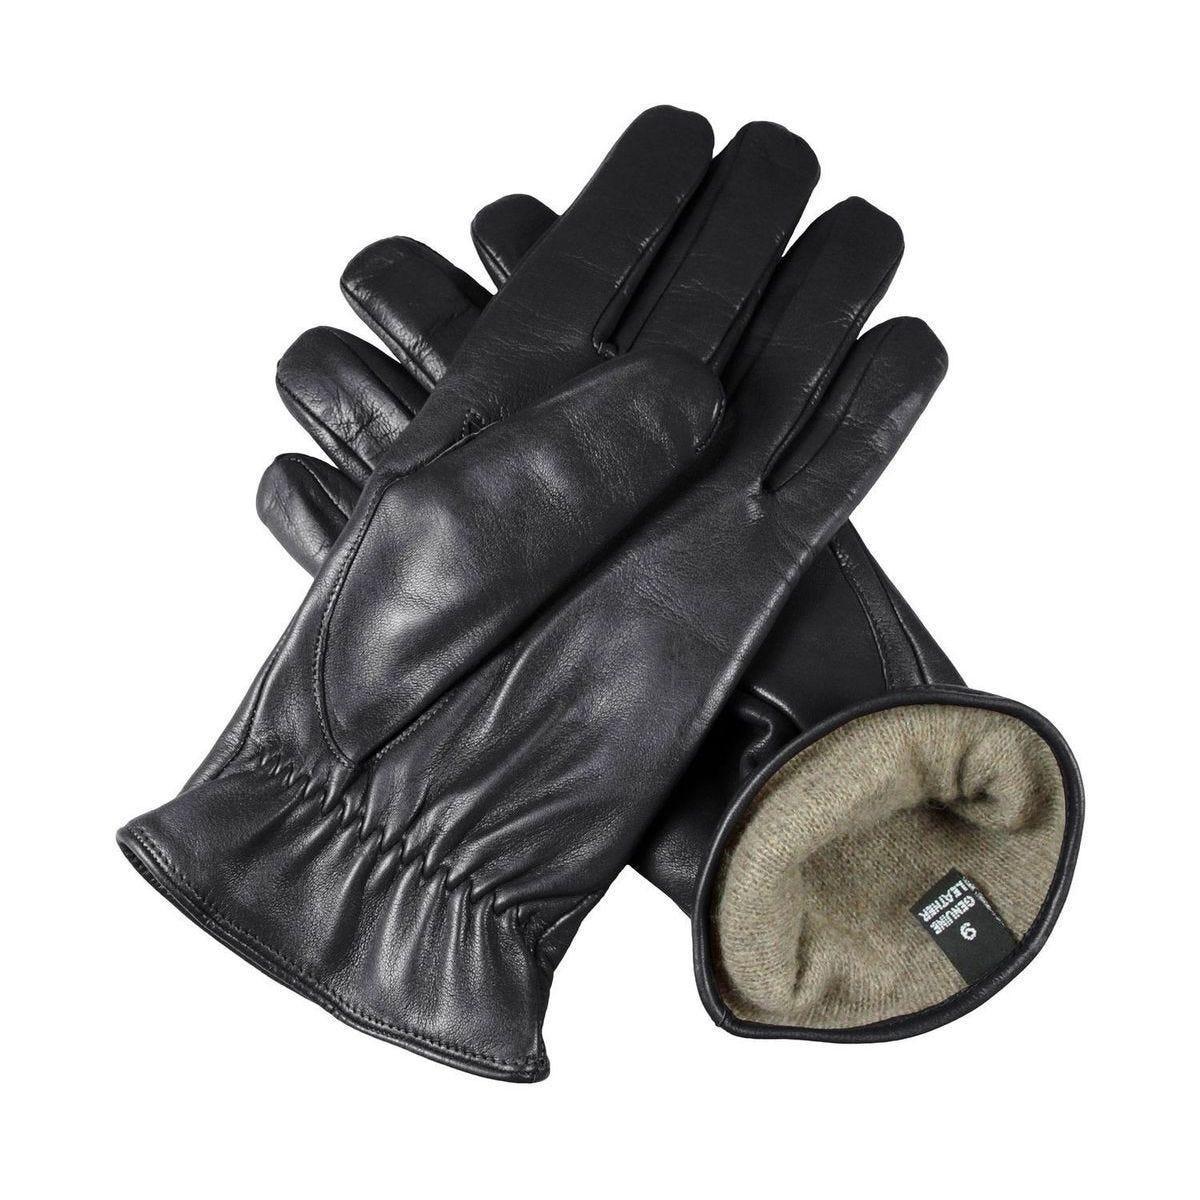 Gants hiver pour hommes - 9.5 - Noir - Agneau Nappa